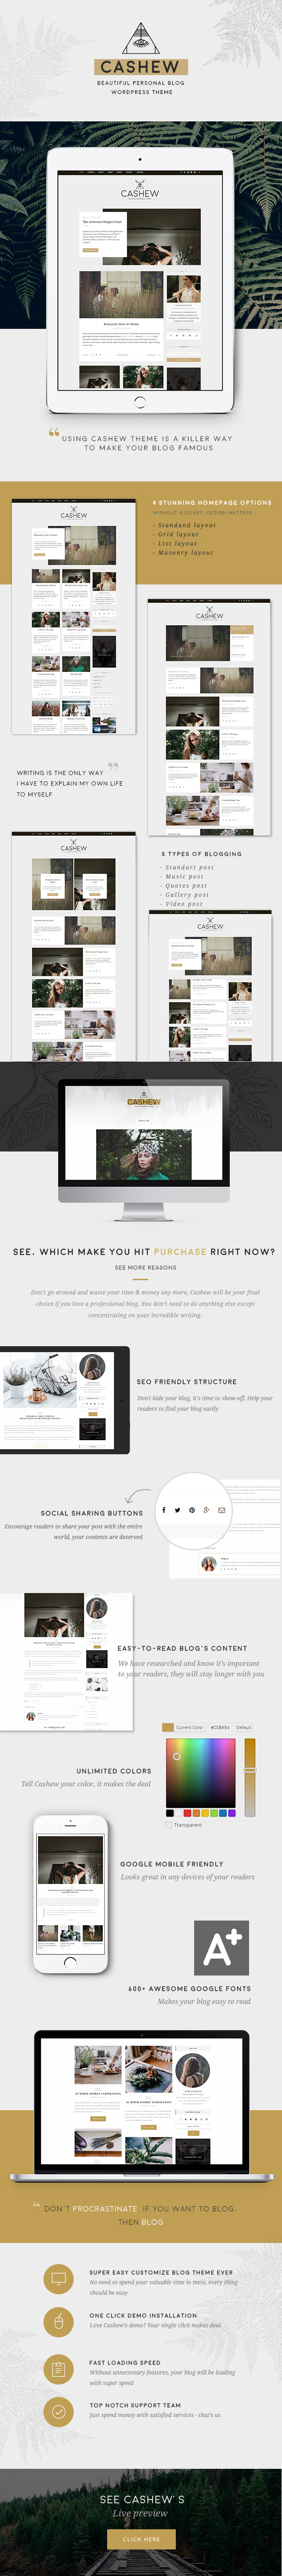 Cashew - A Personal Blog WordPress Theme - 1